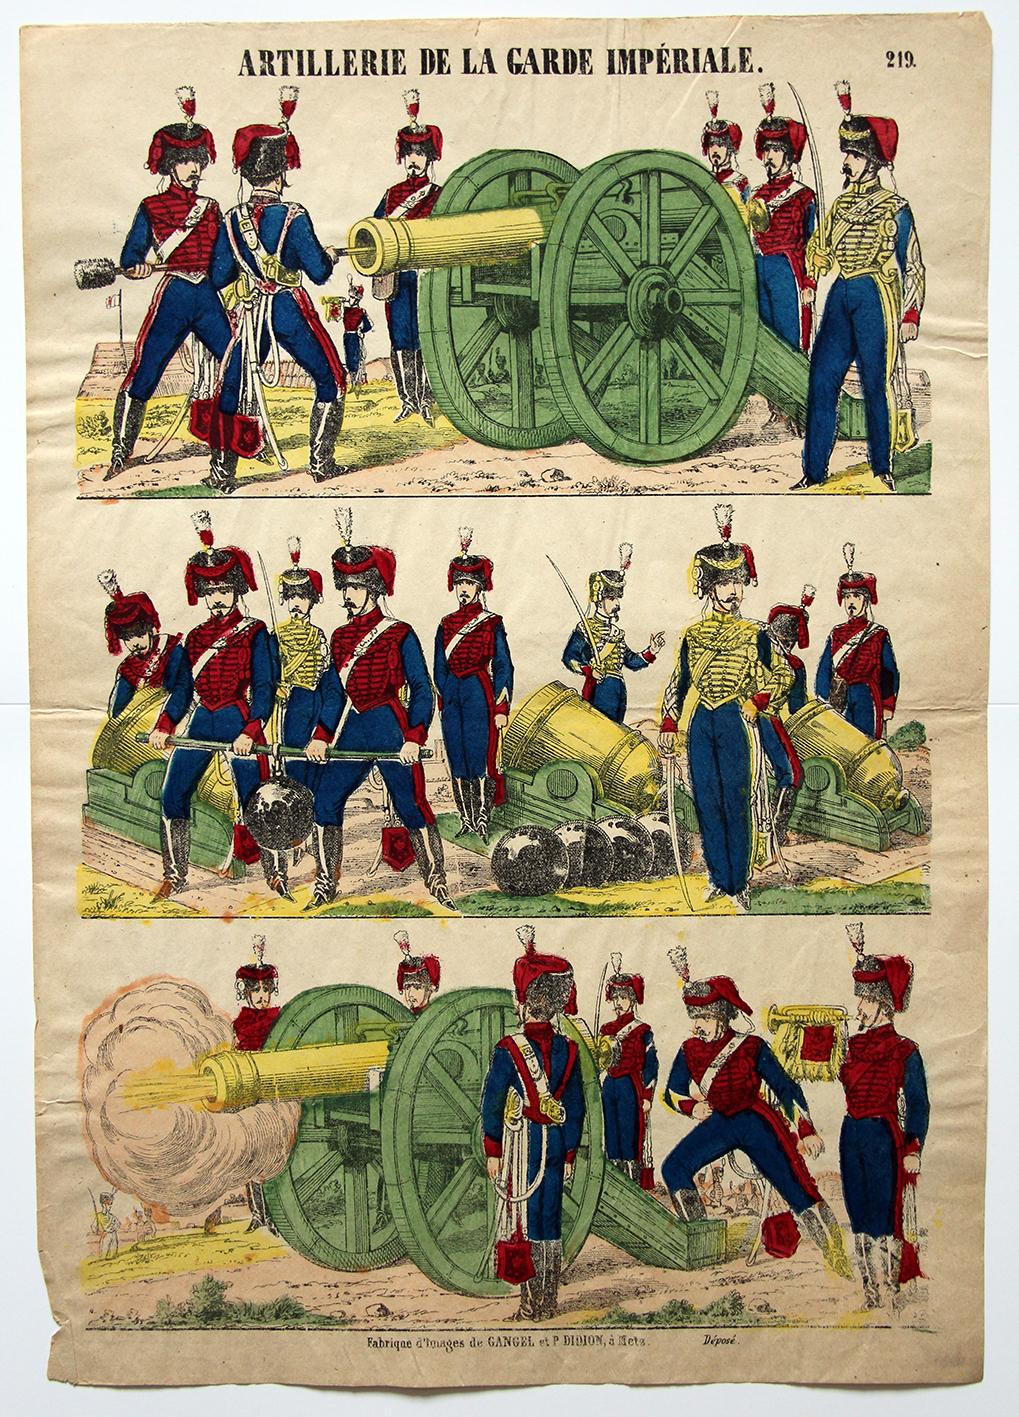 Planche imagerie Epinal - Pellerin Editeur - N°219 - Artillerie de la garde Impériale - Second Empire - Armée Française